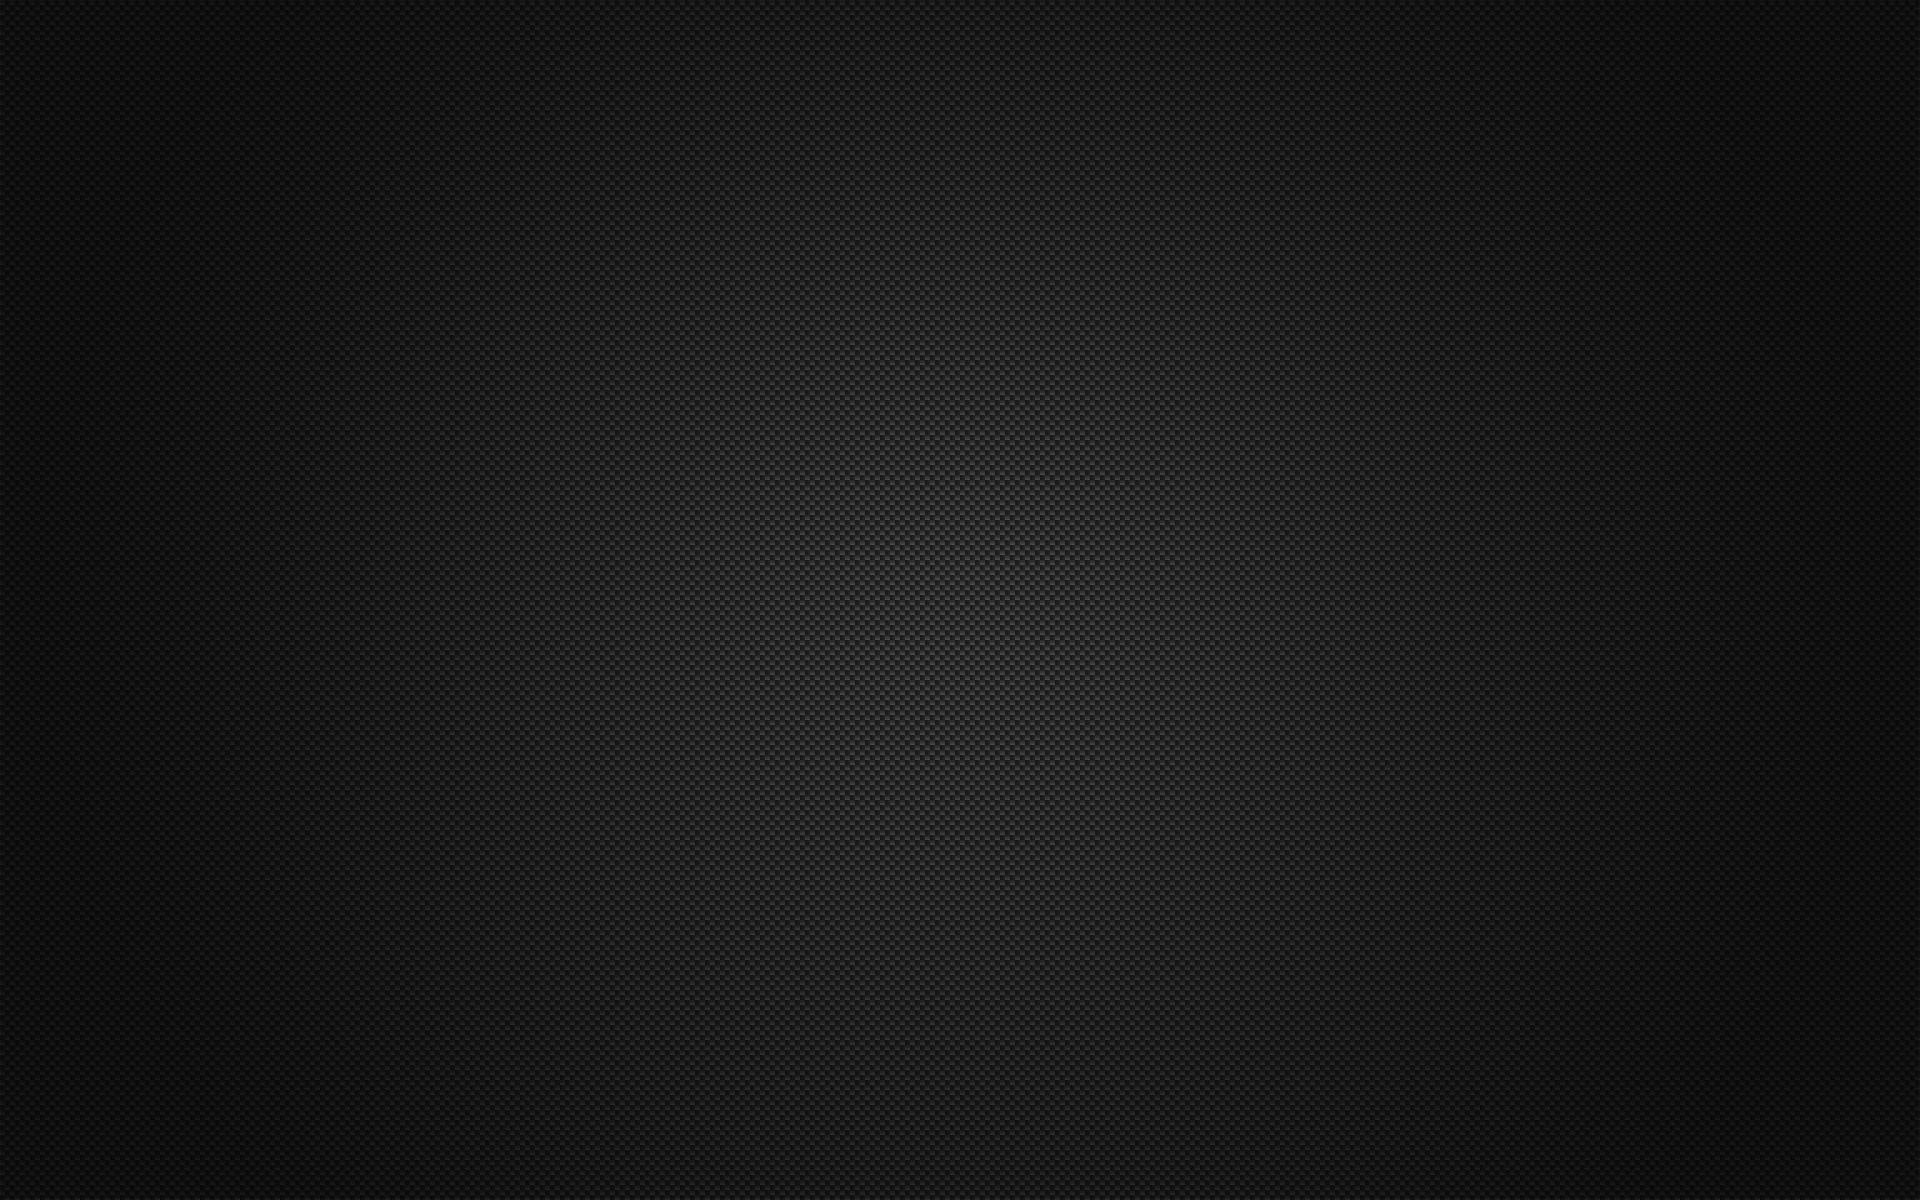 Днем, картинки черного цвета без рисунка